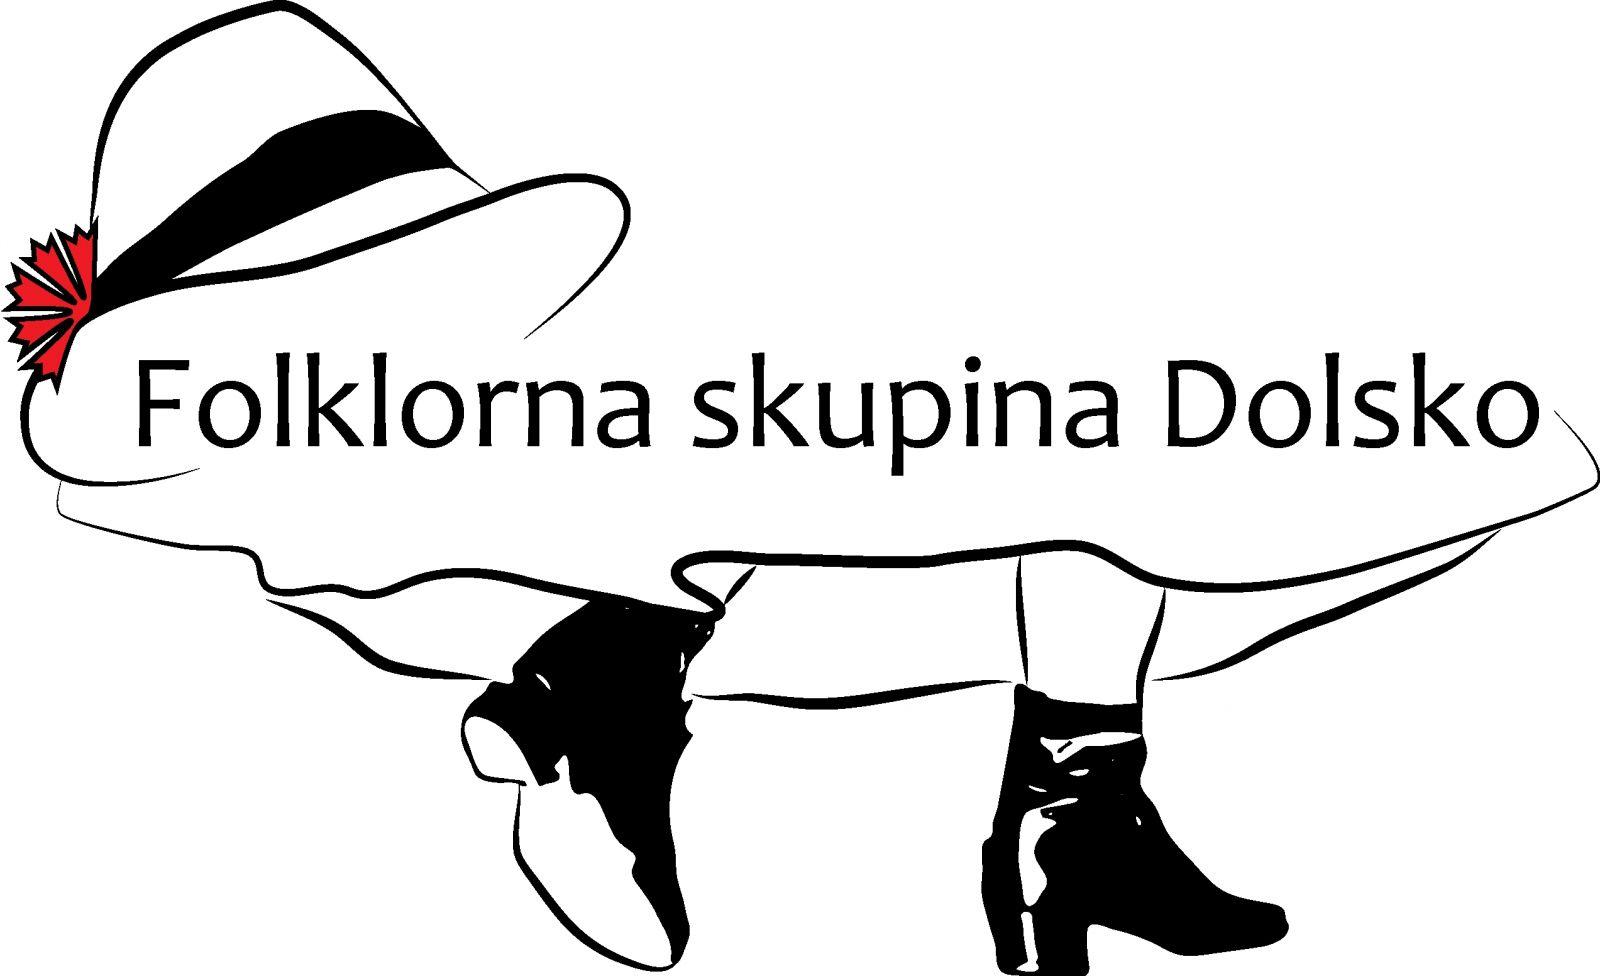 Folklorna skupina Dolsko